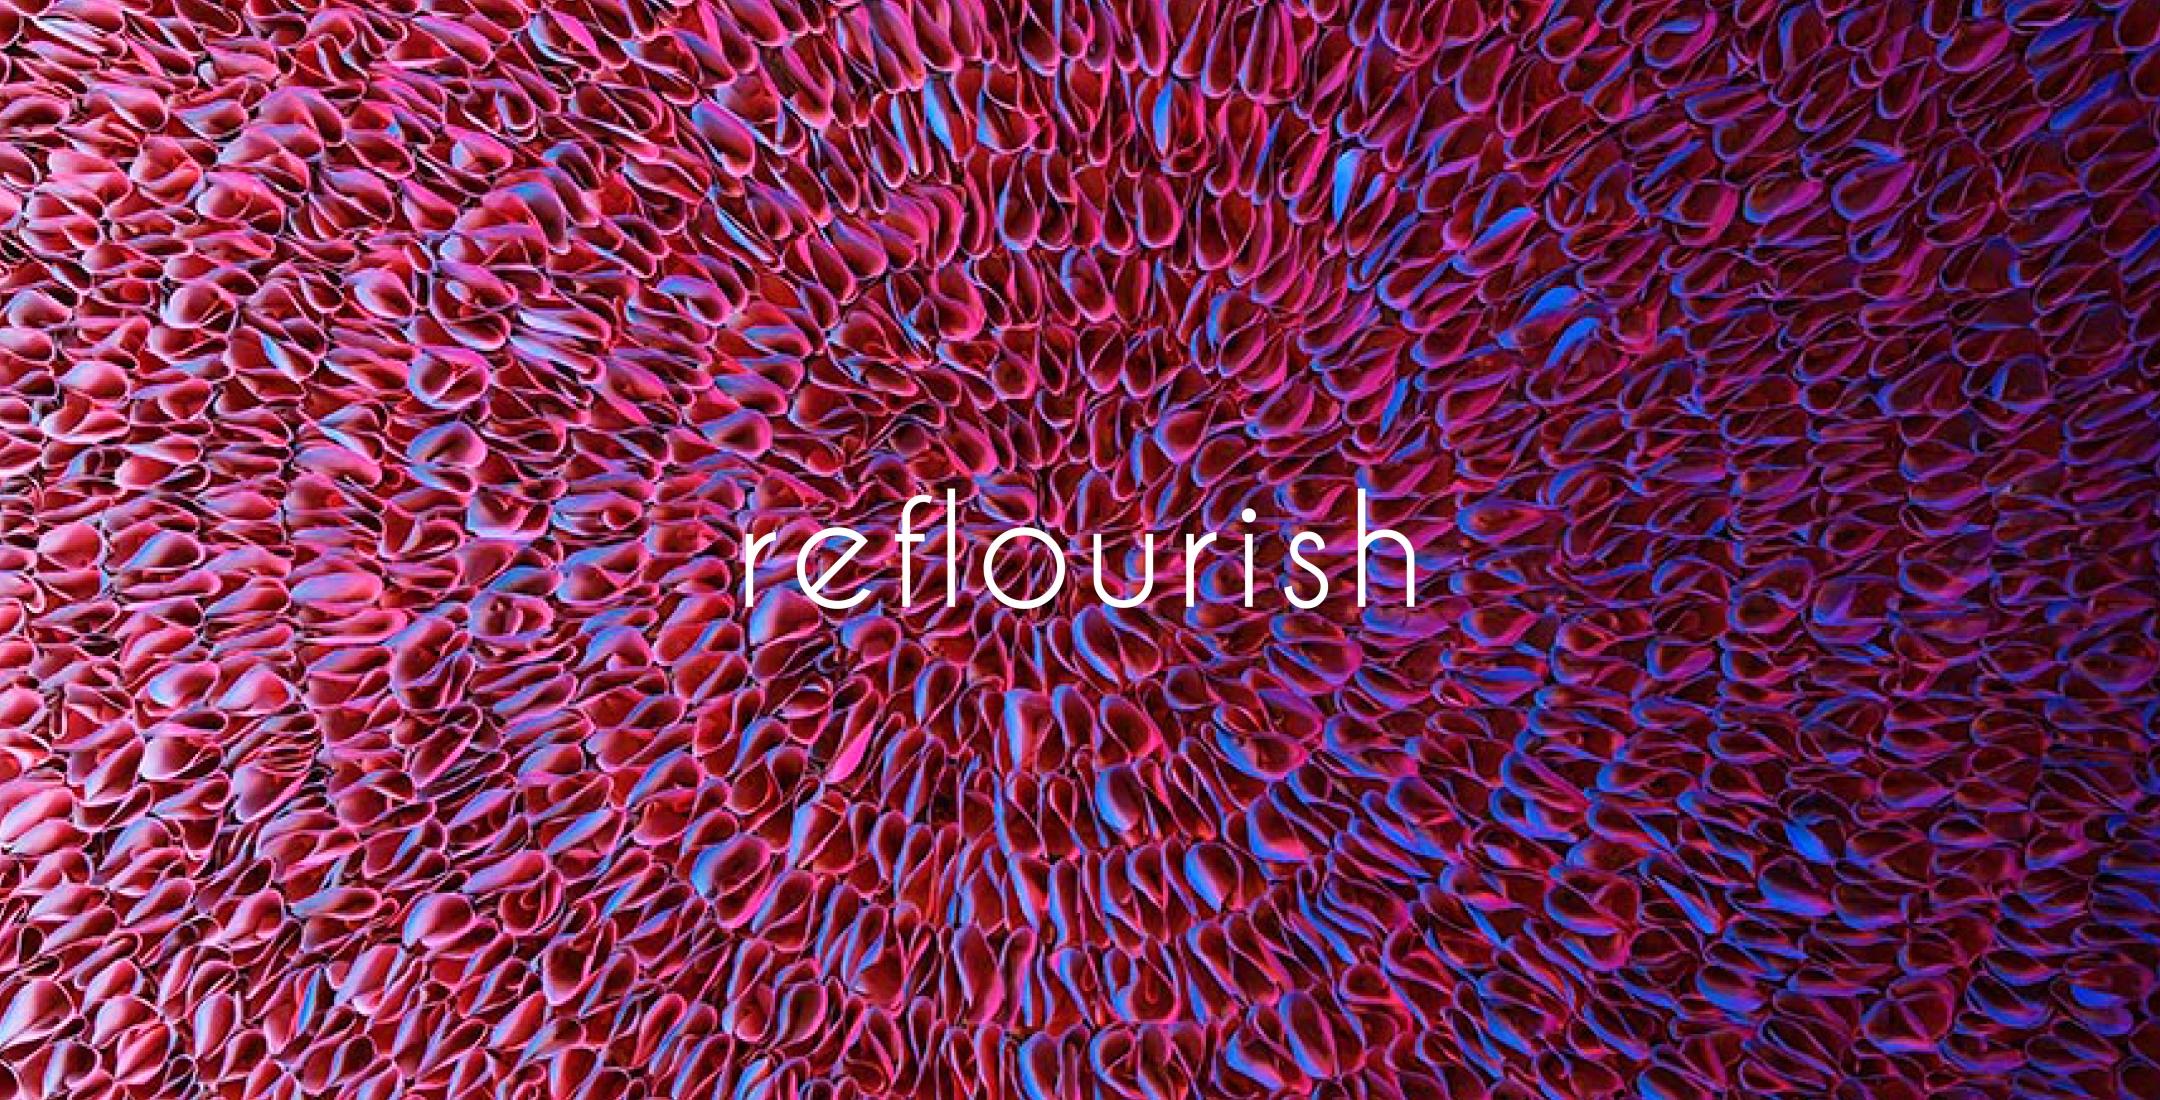 Zhuang Hong Yi | Reflourish